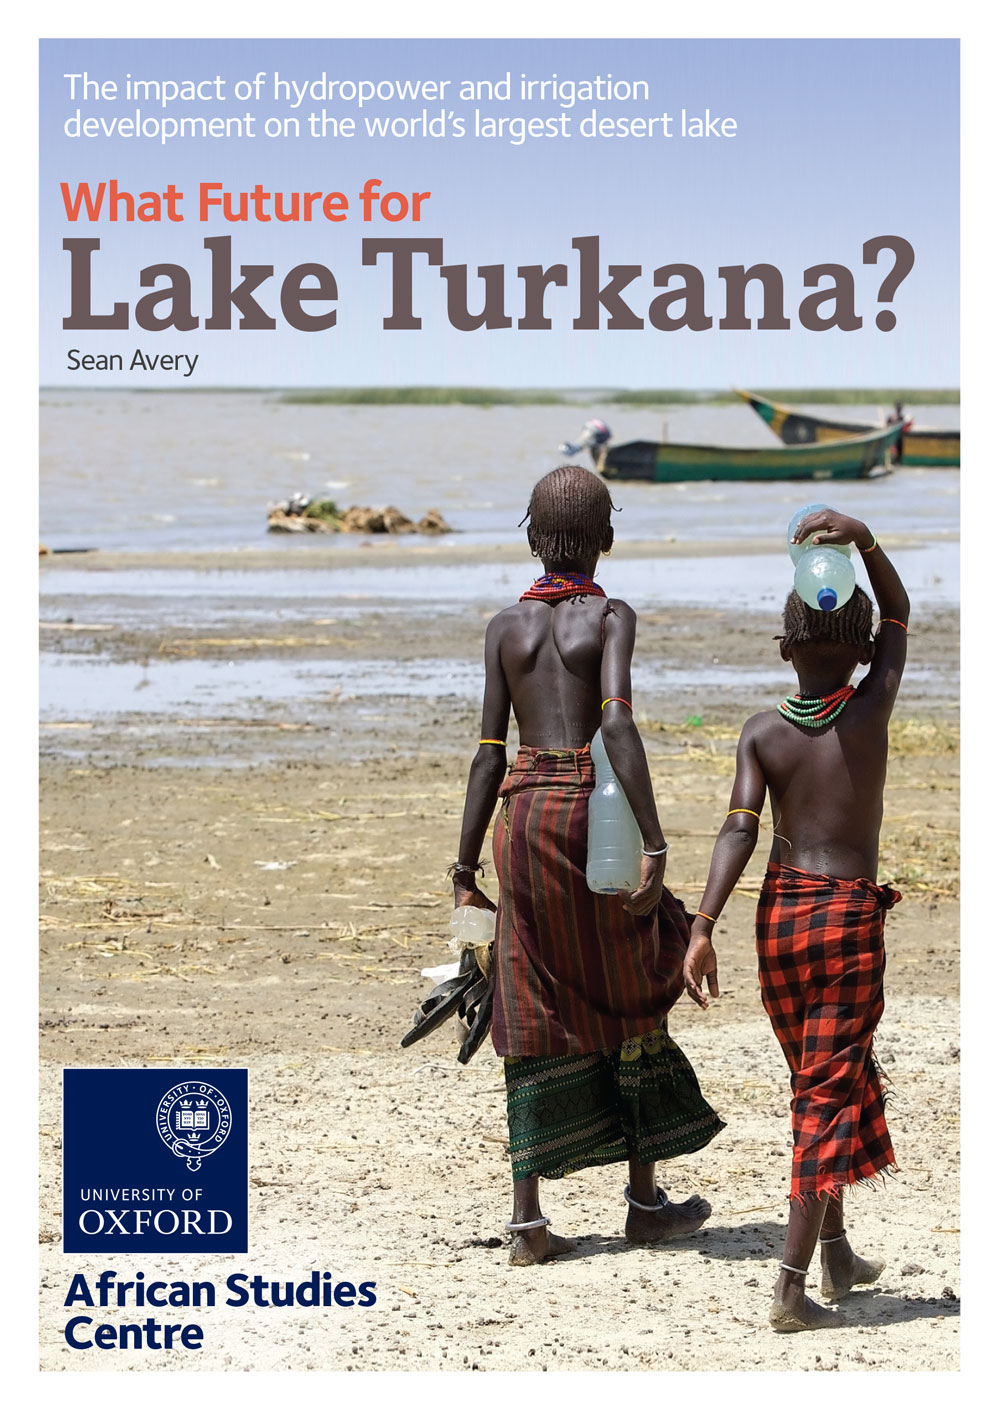 What Future for Lake Turkana?